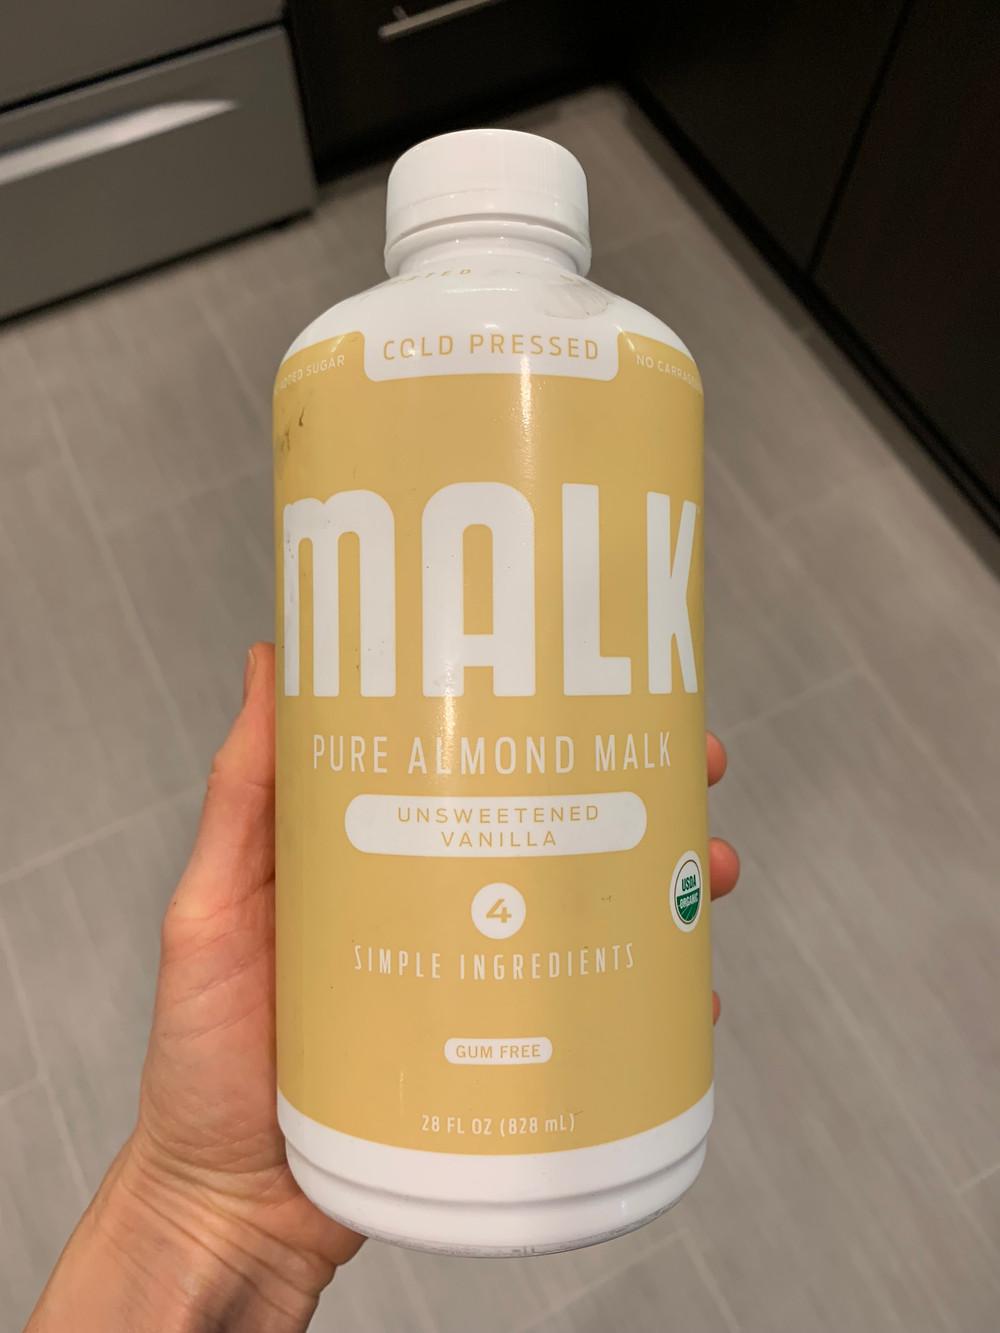 Malk almond milk